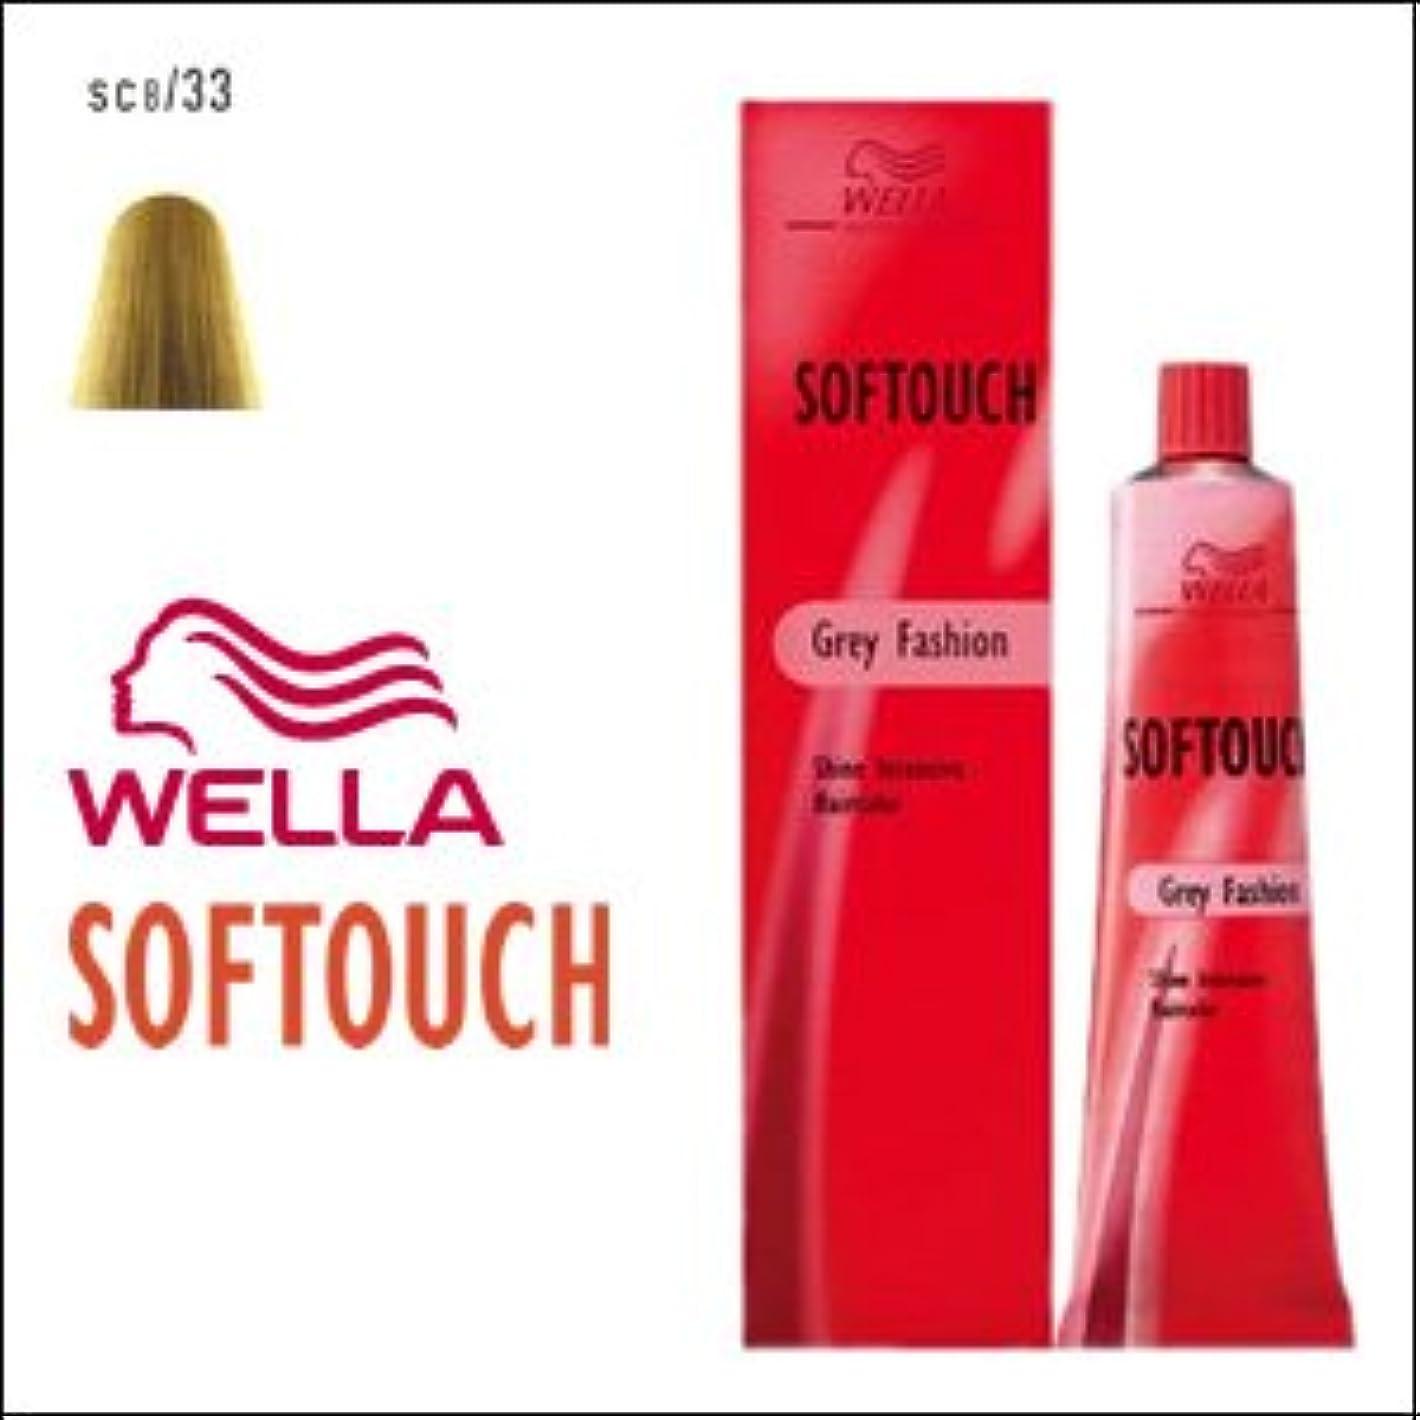 順応性のある窓を洗う第ウエラ ヘアカラー ソフタッチ SC8/33 60g